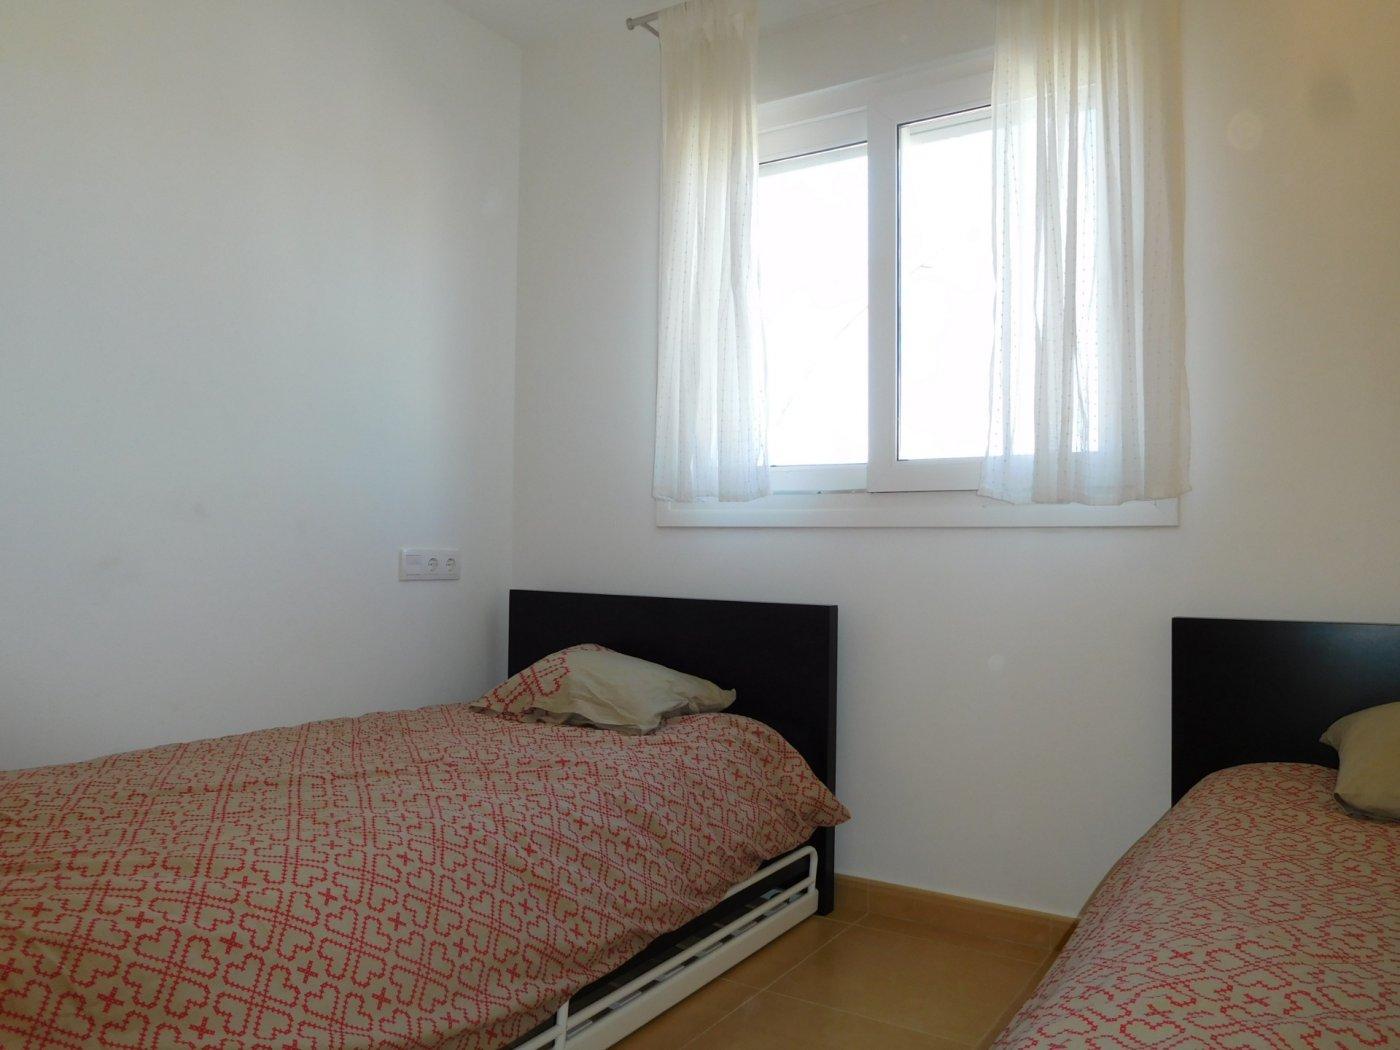 Image 3 Apartment ref 2804 for rent in Condado De Alhama Spain - Quality Homes Costa Cálida